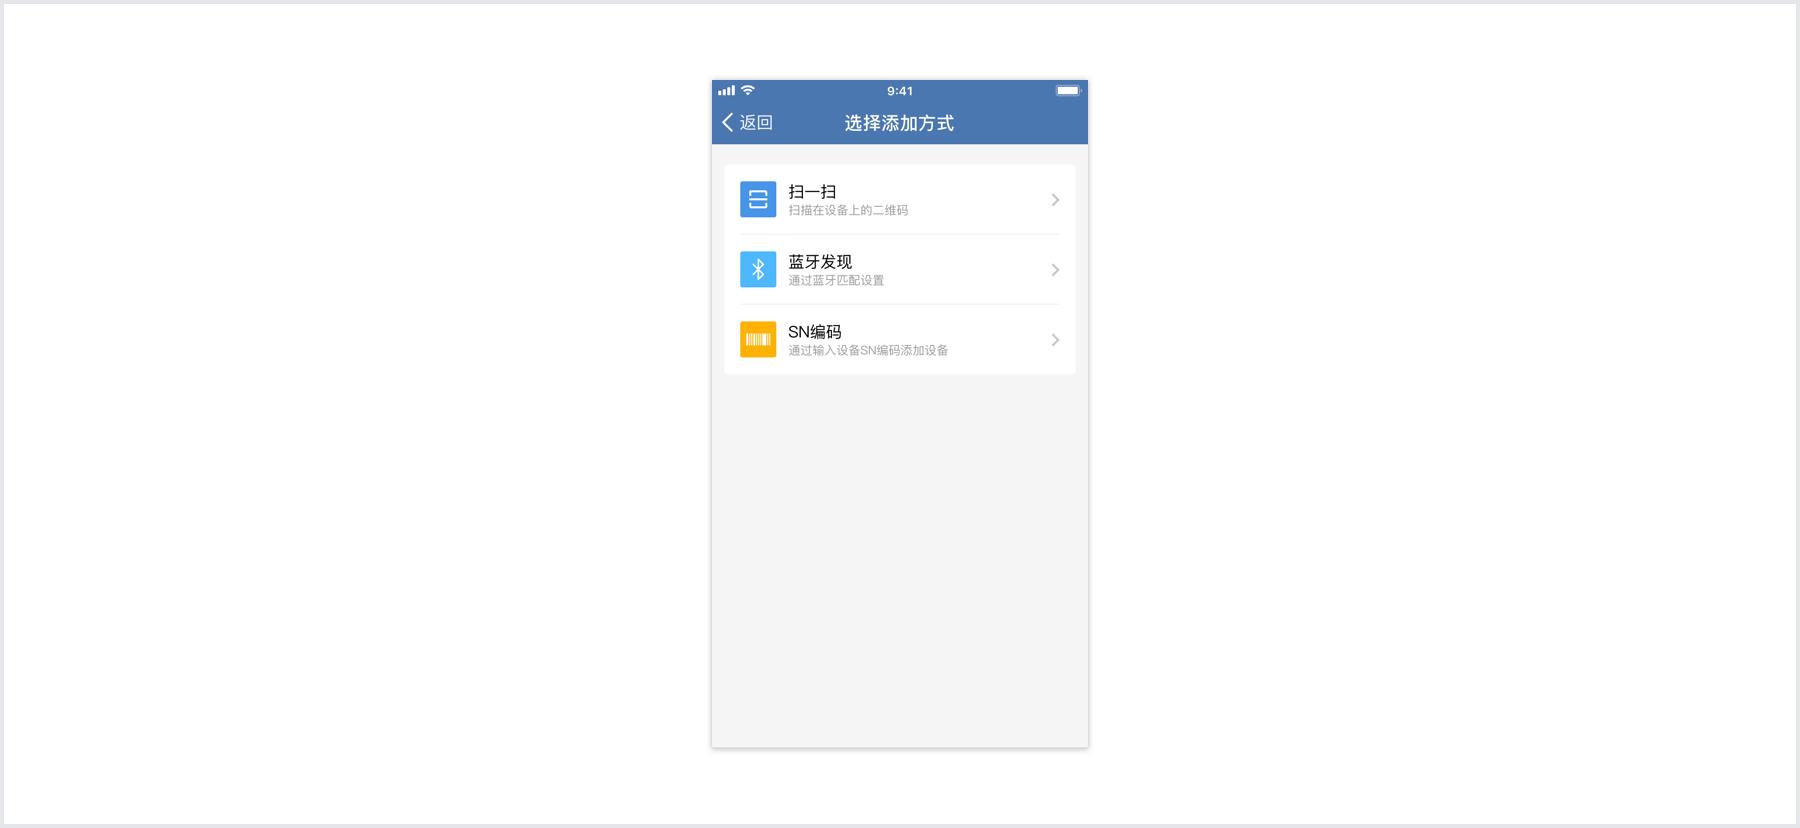 企业微信客户端添加设备入口